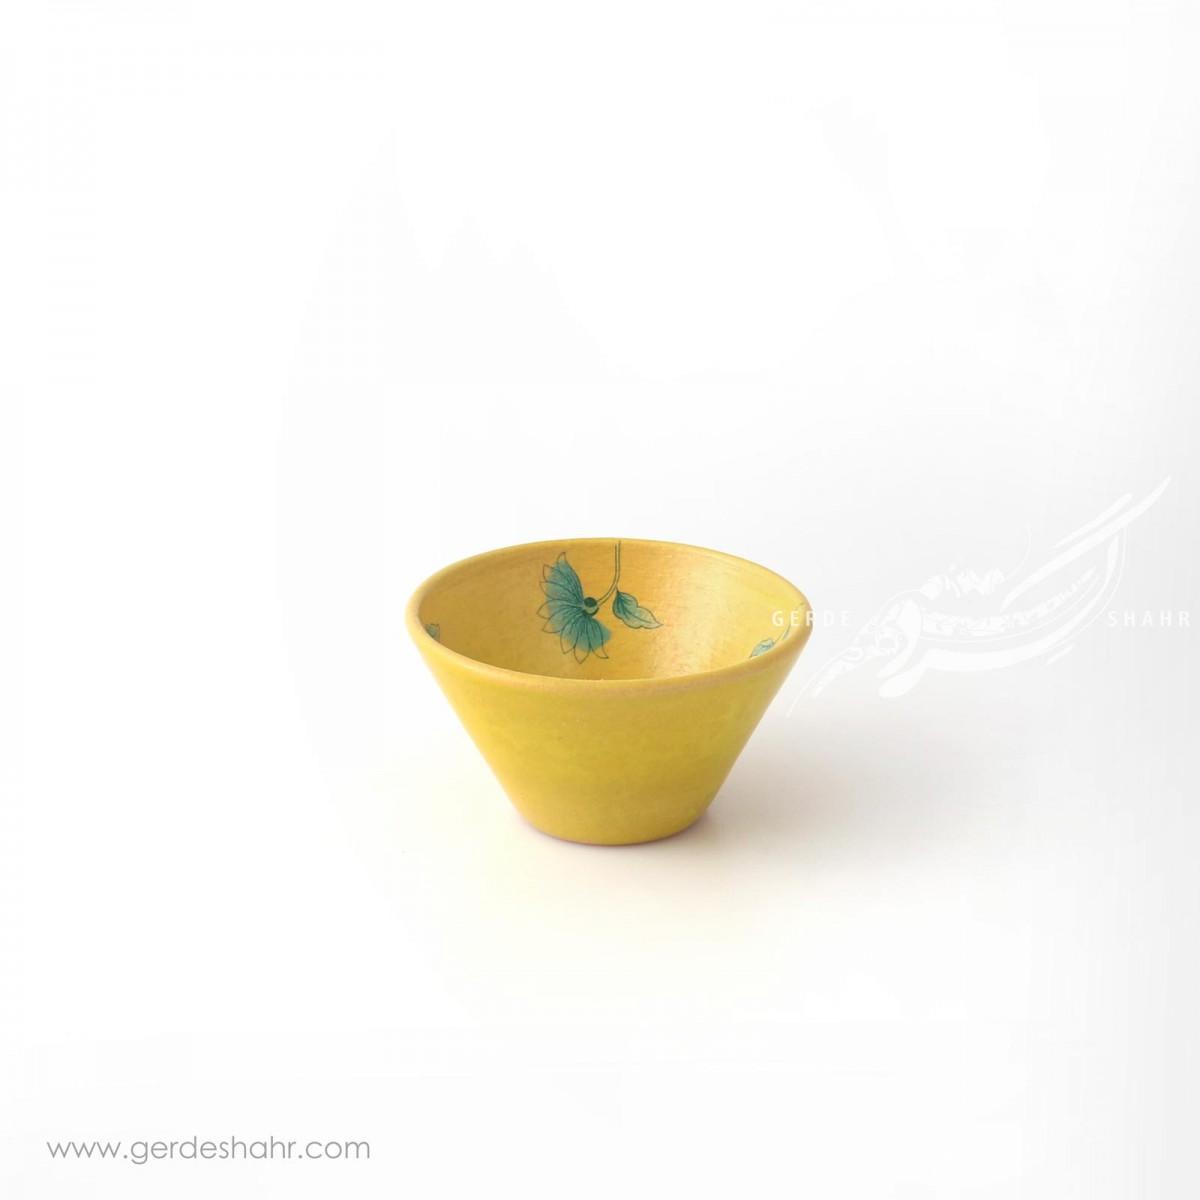 کاسه گود زرد با گل آبی سایز ۹ ماه فروز محصولات